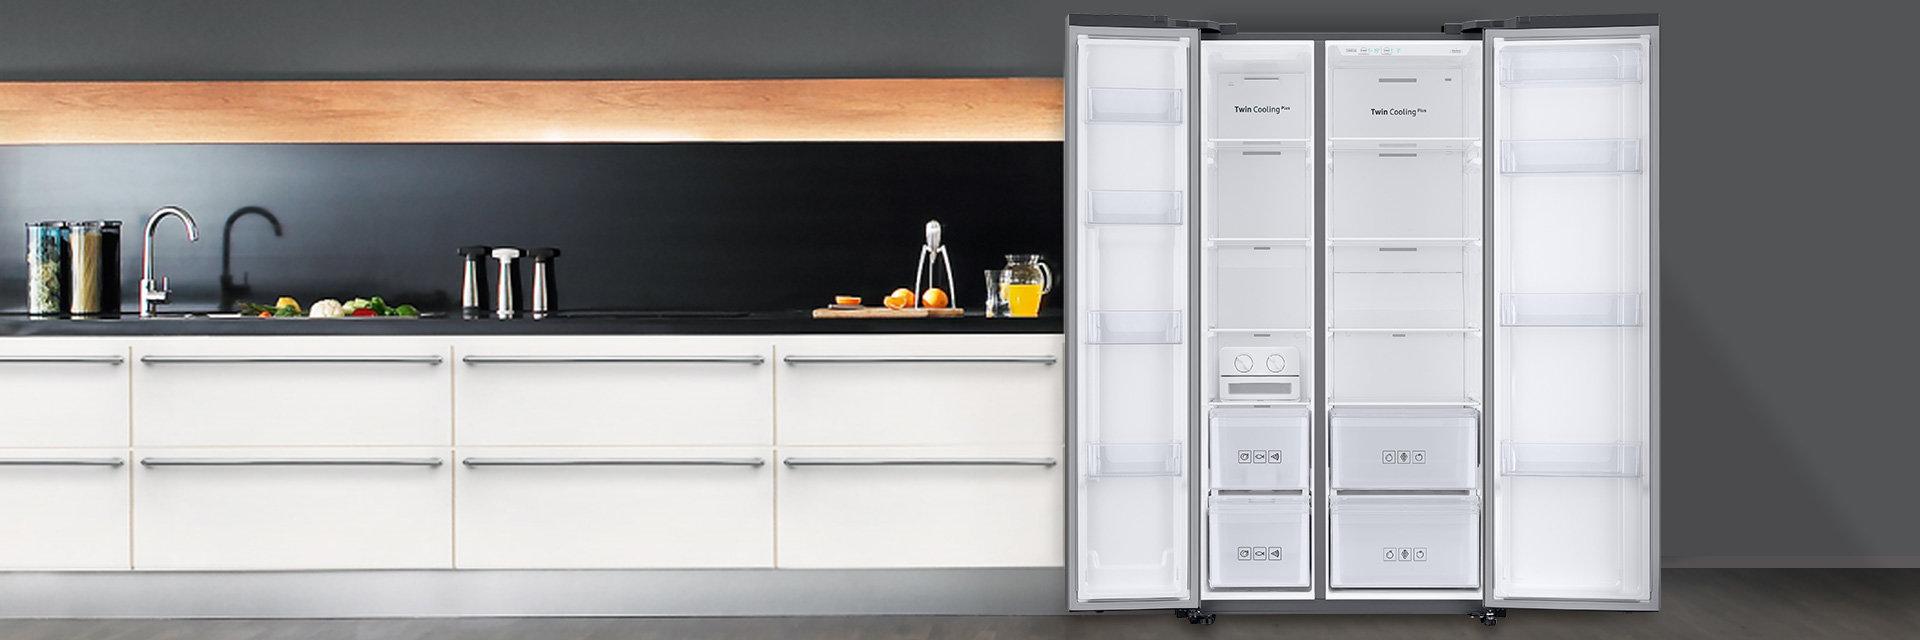 Revoluce chladničky Samsung v pohodě 1920